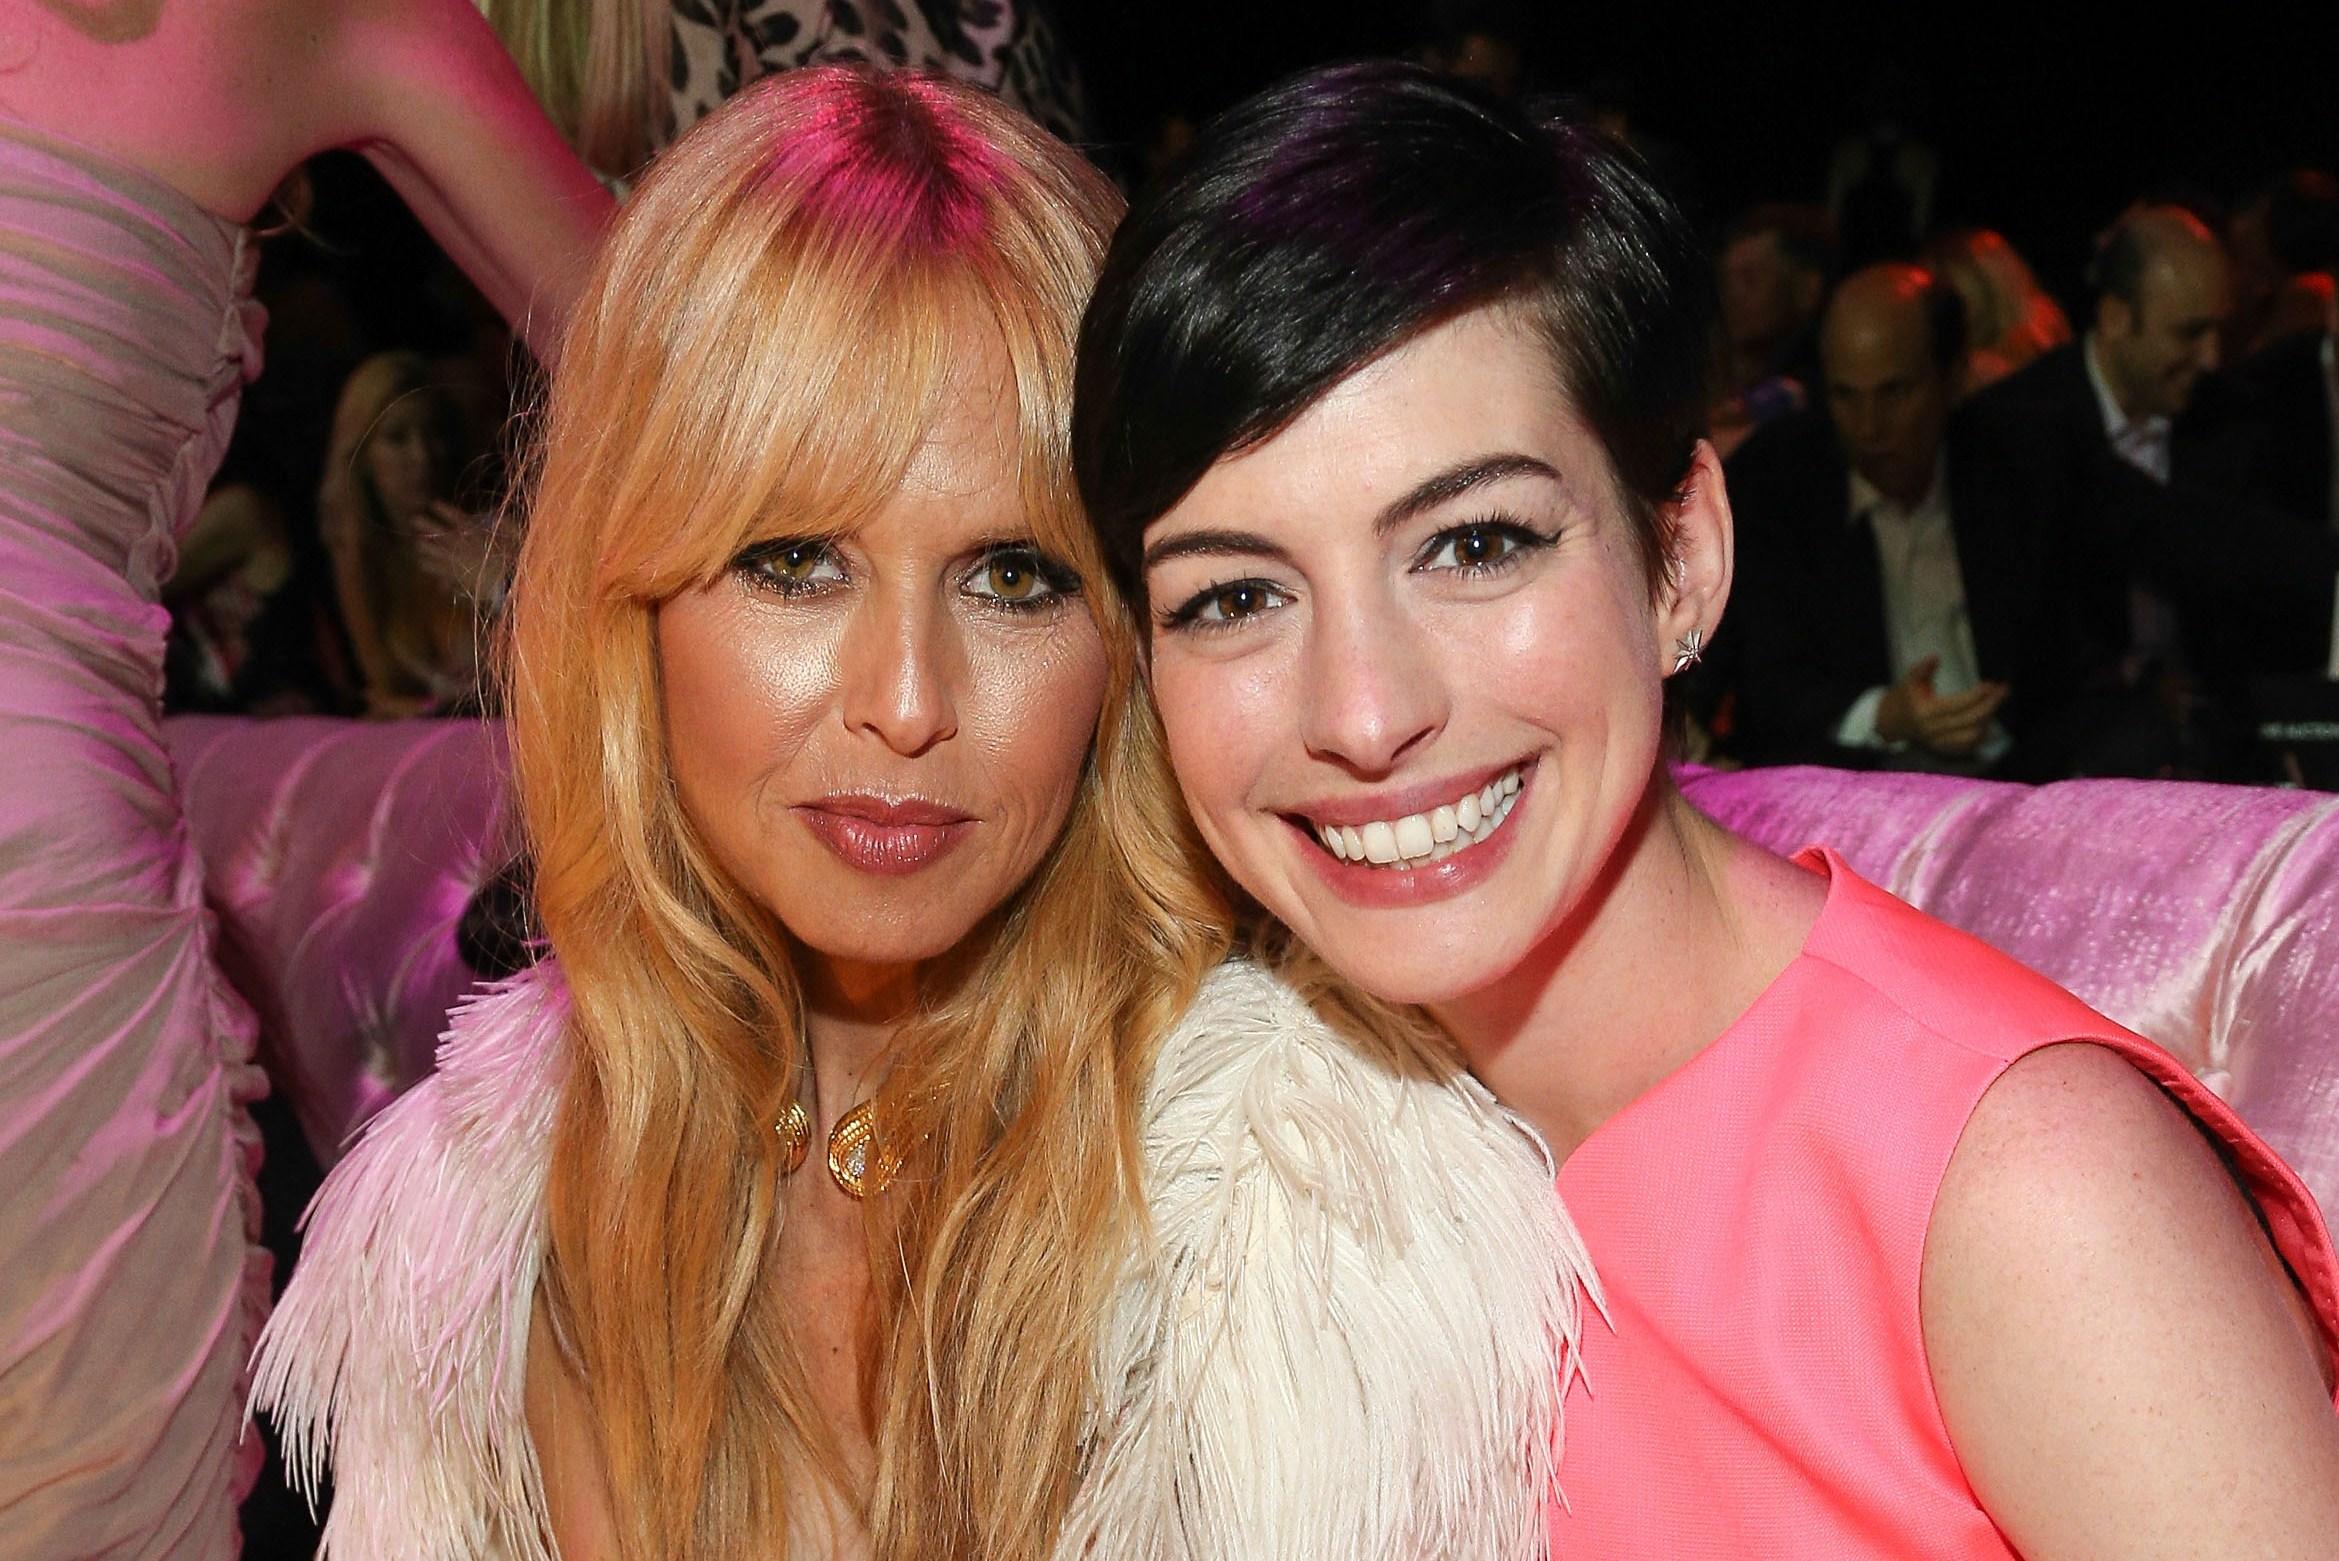 Pink party: tutte in rosa per la ricerca contro il cancro al seno (VIDEO)